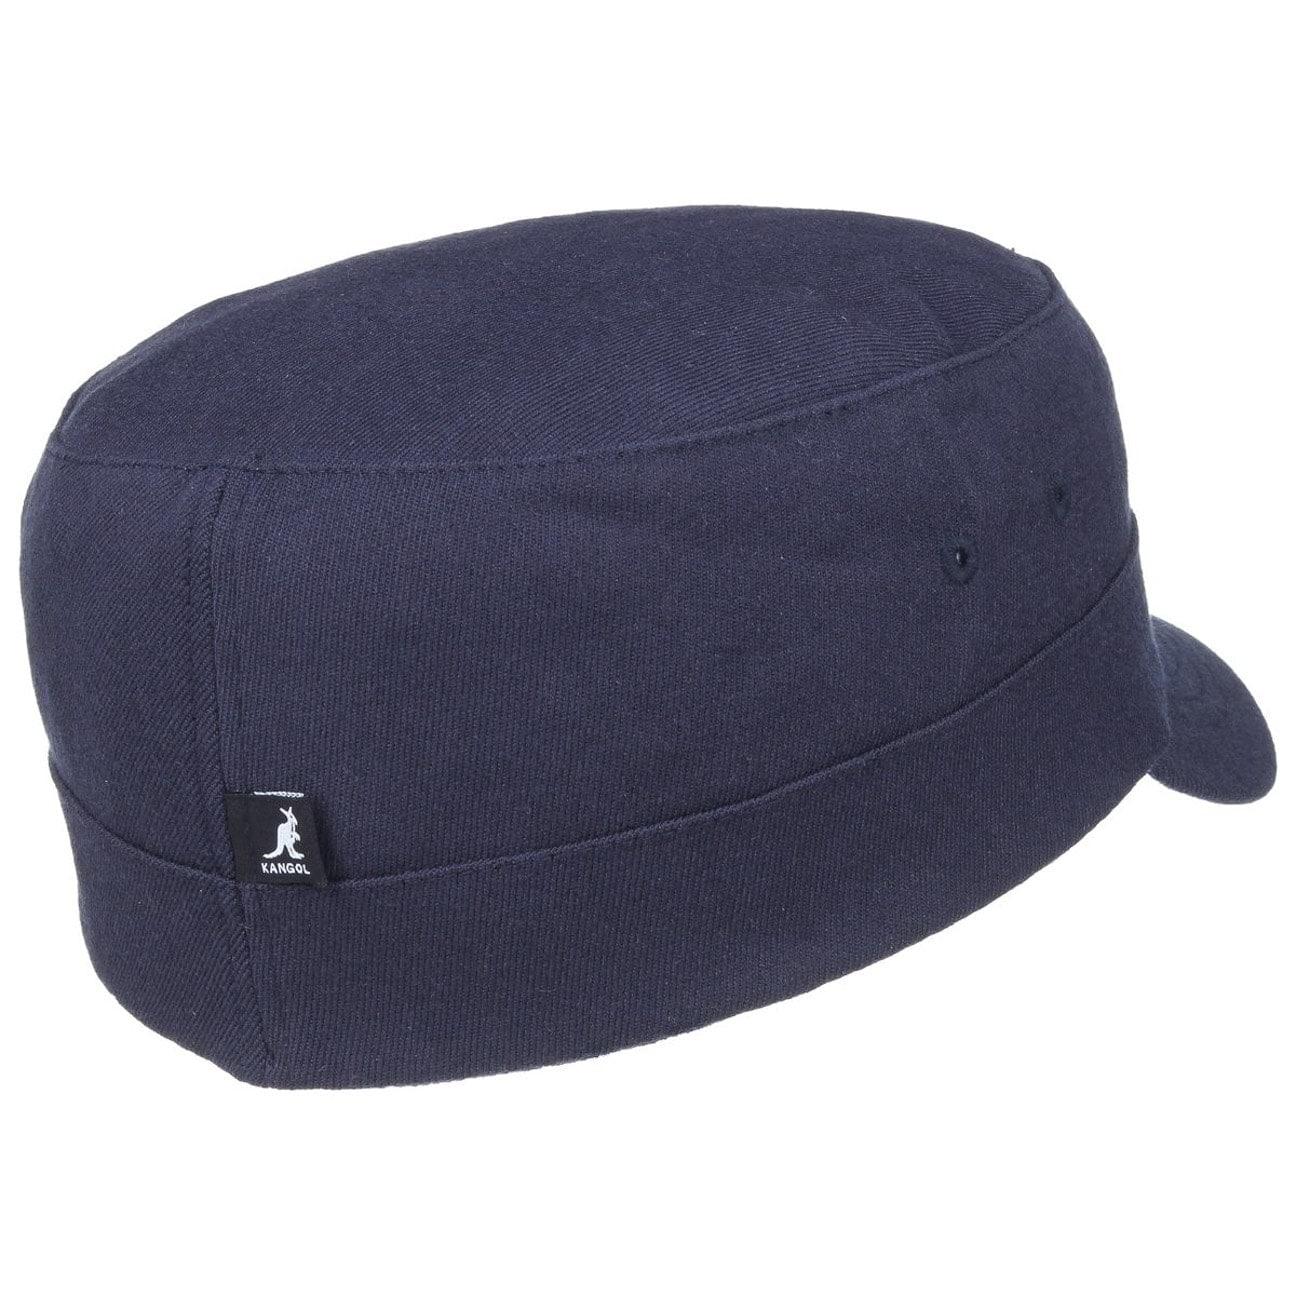 ... Championship Army Cap Flexfit by Kangol - blue 4 ... e1738f56ff40